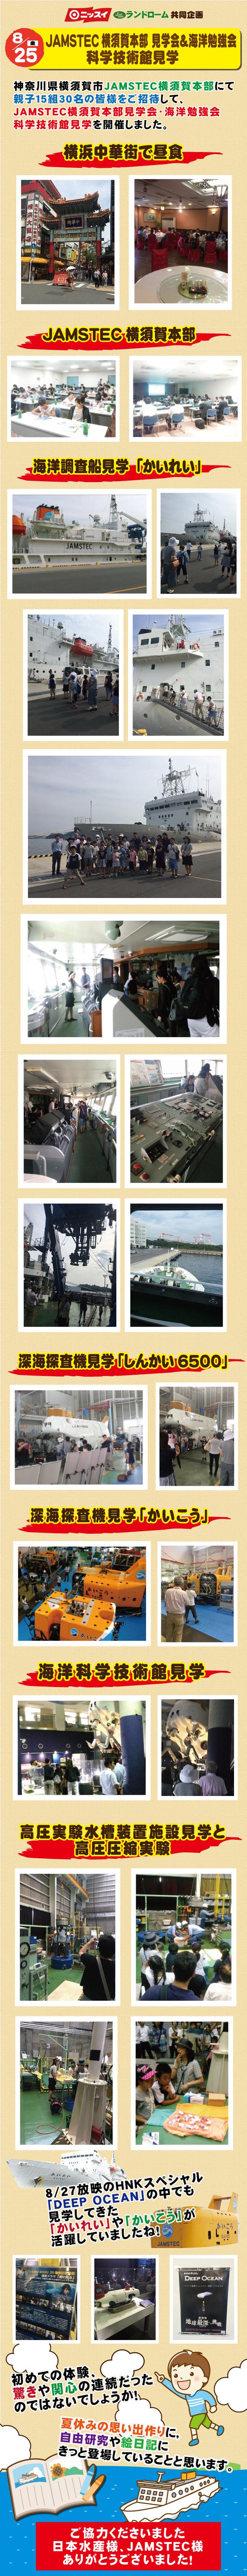 0825日本水産食育